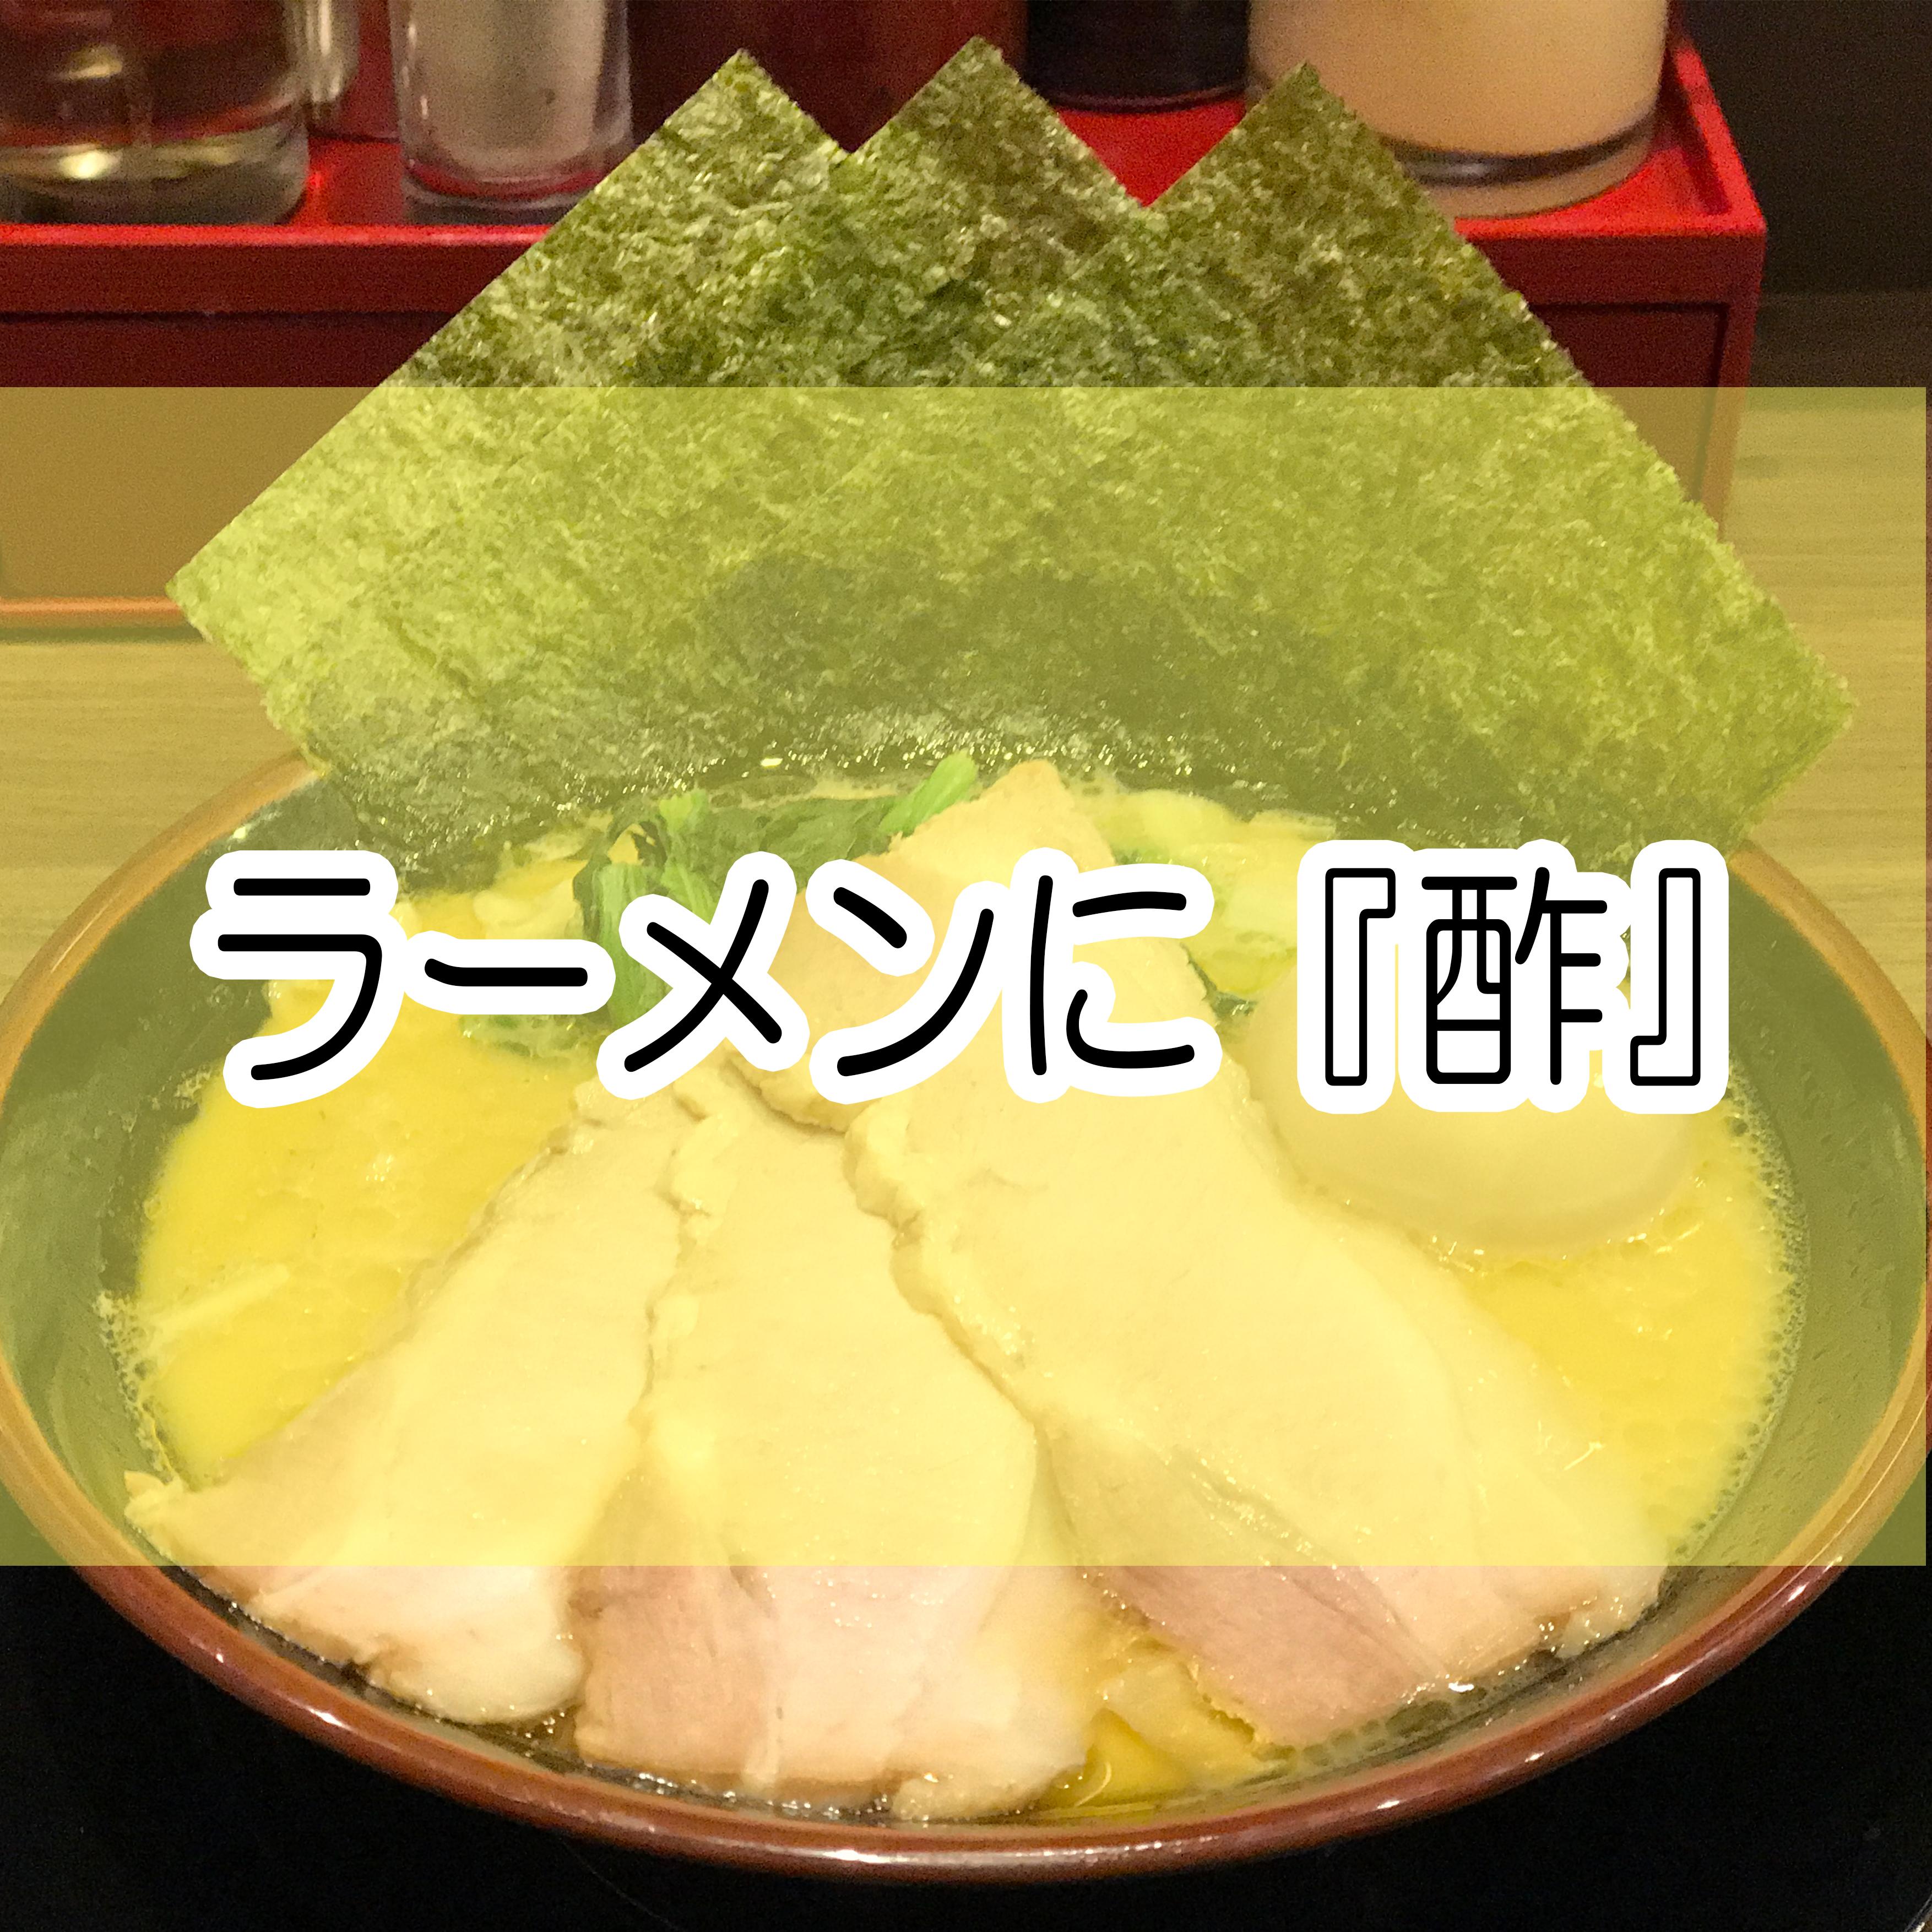 ラーメンに『酢』って!?のイメージ